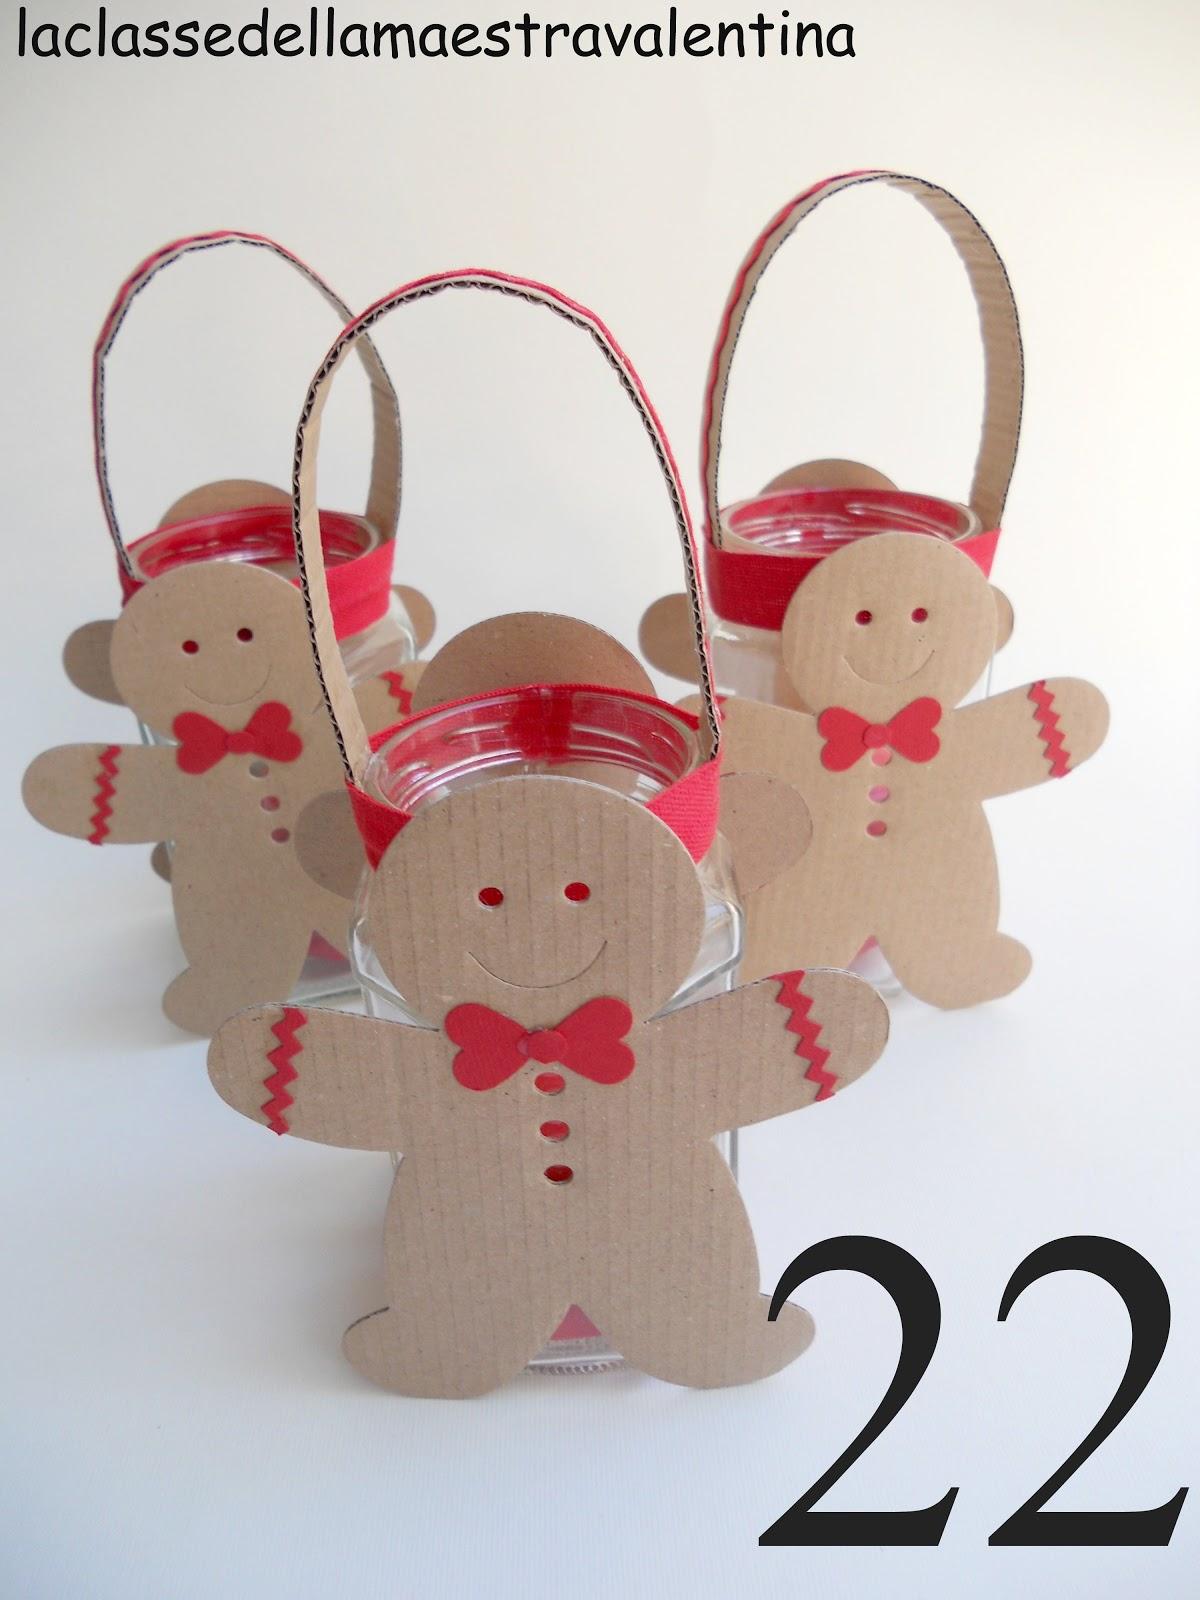 La classe della maestra valentina lanternine natalizie for La classe della maestra valentina primavera